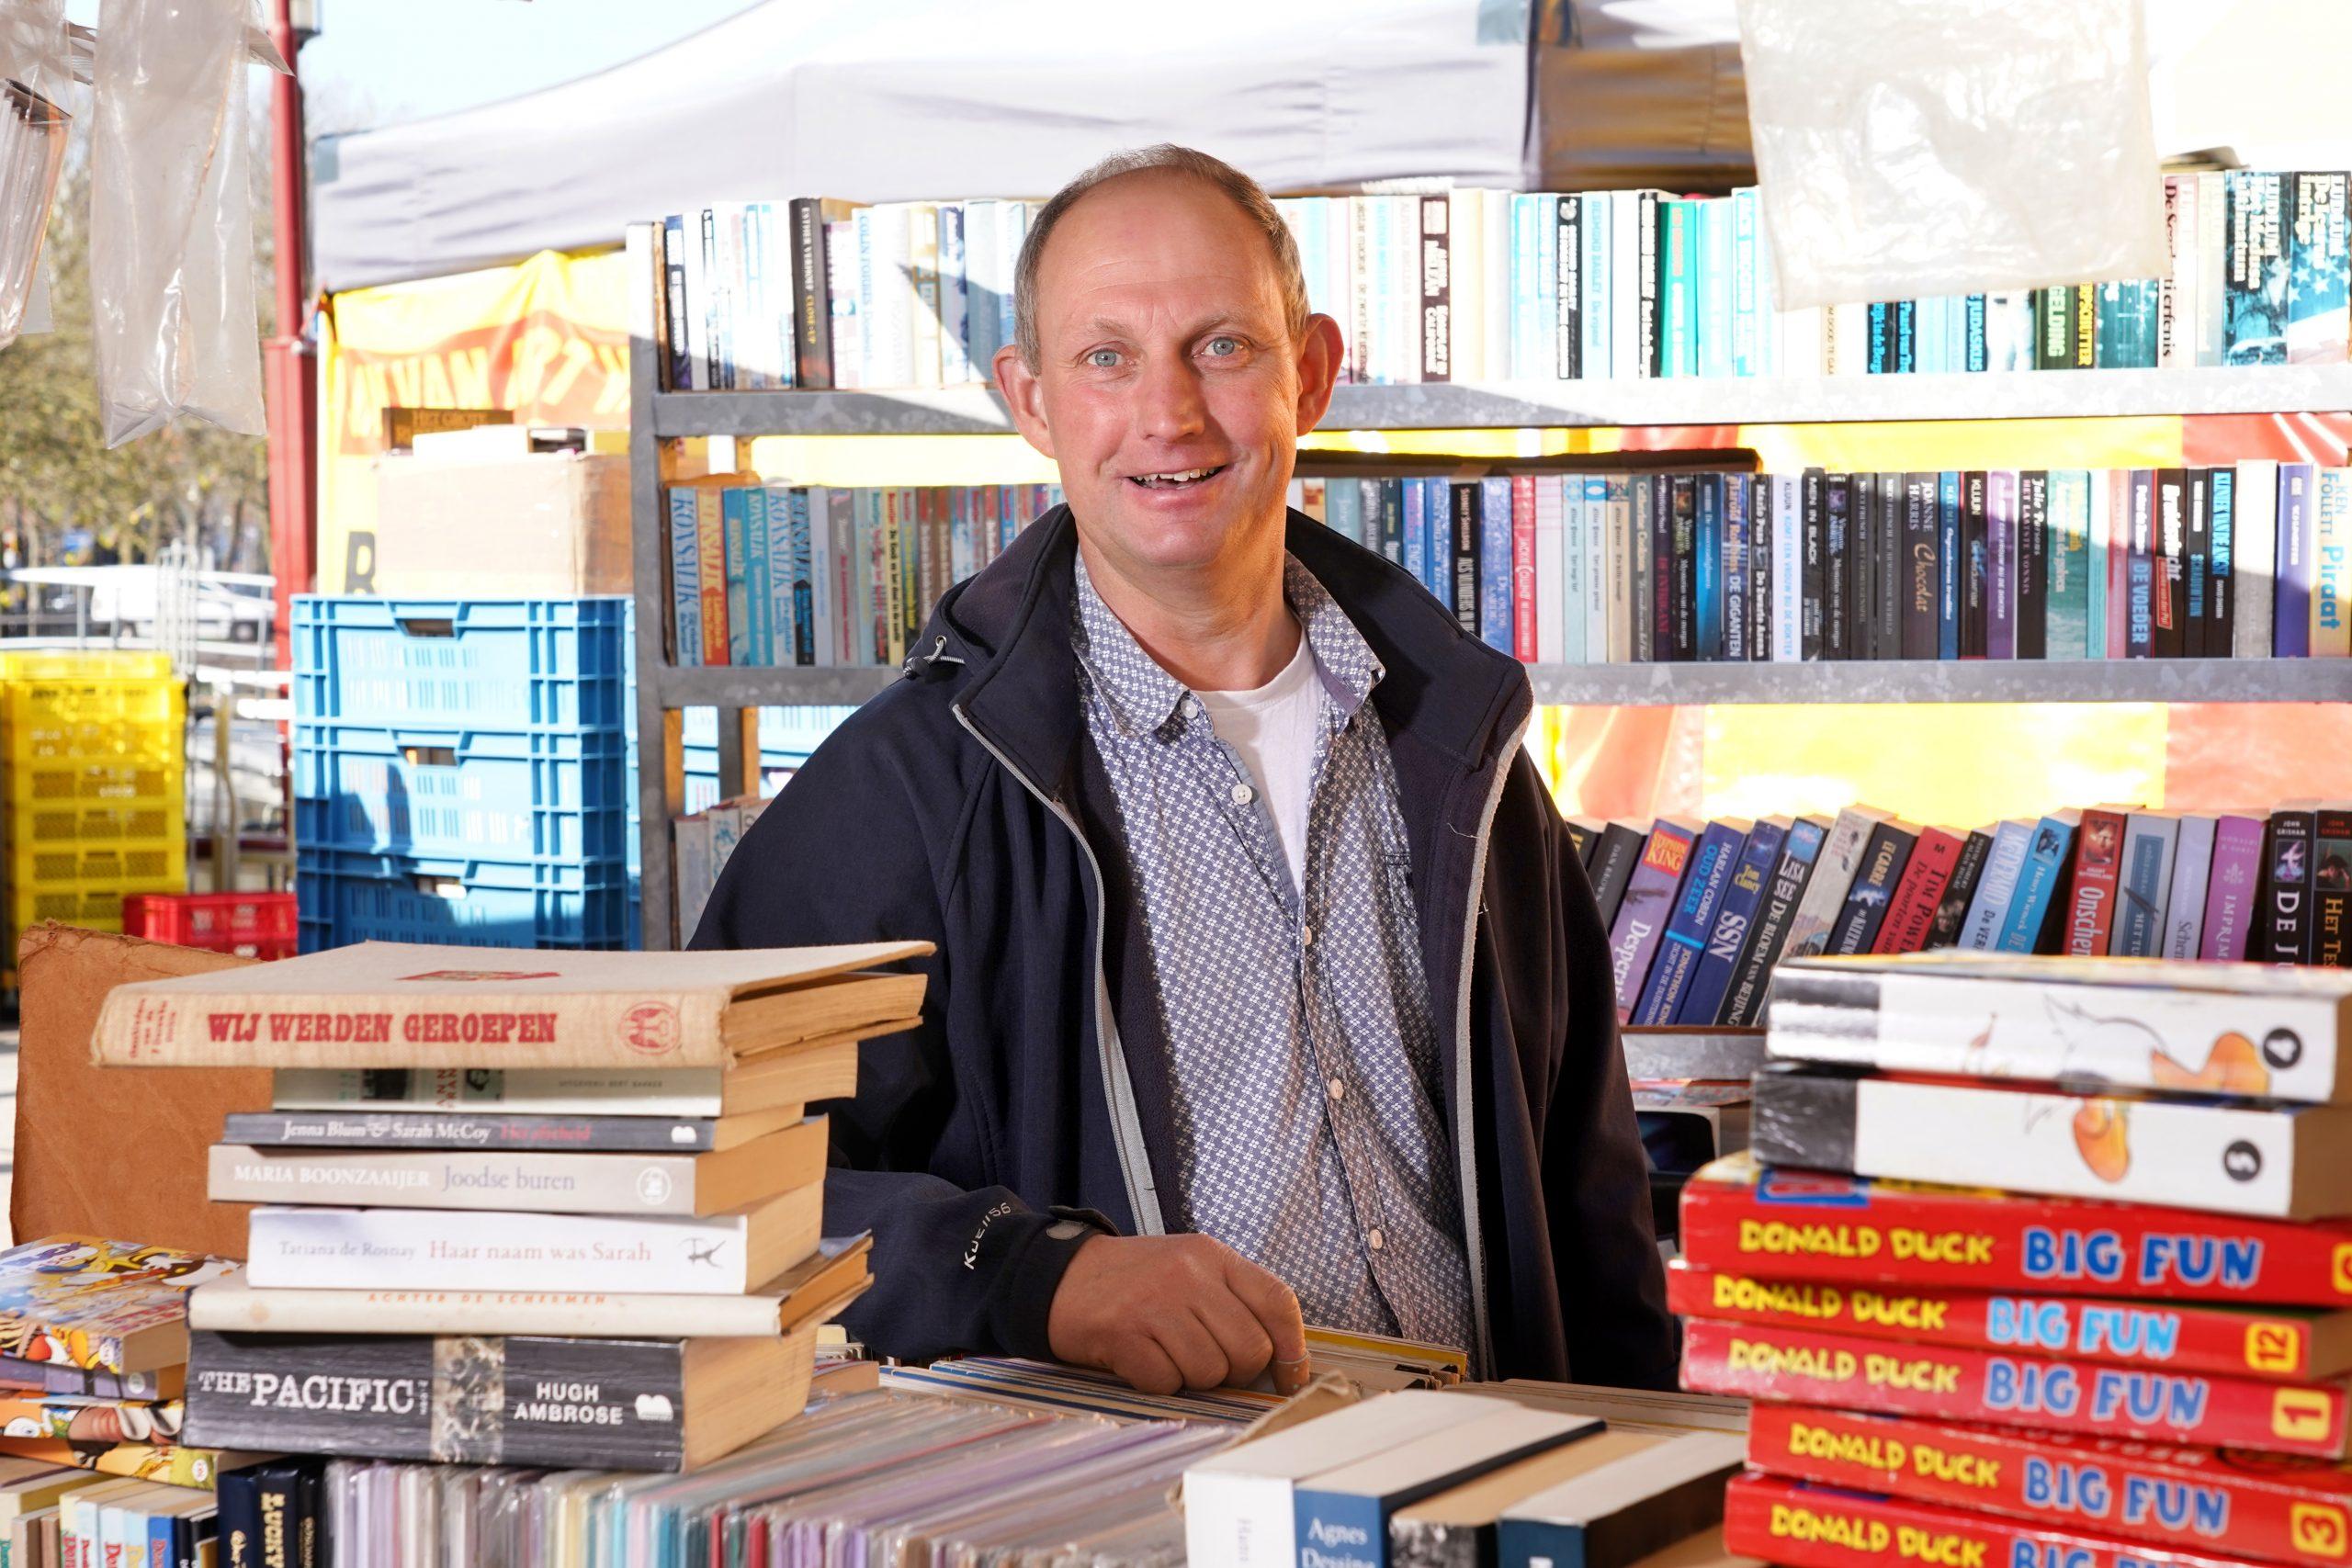 Van Hartskamp boeken en kaarten